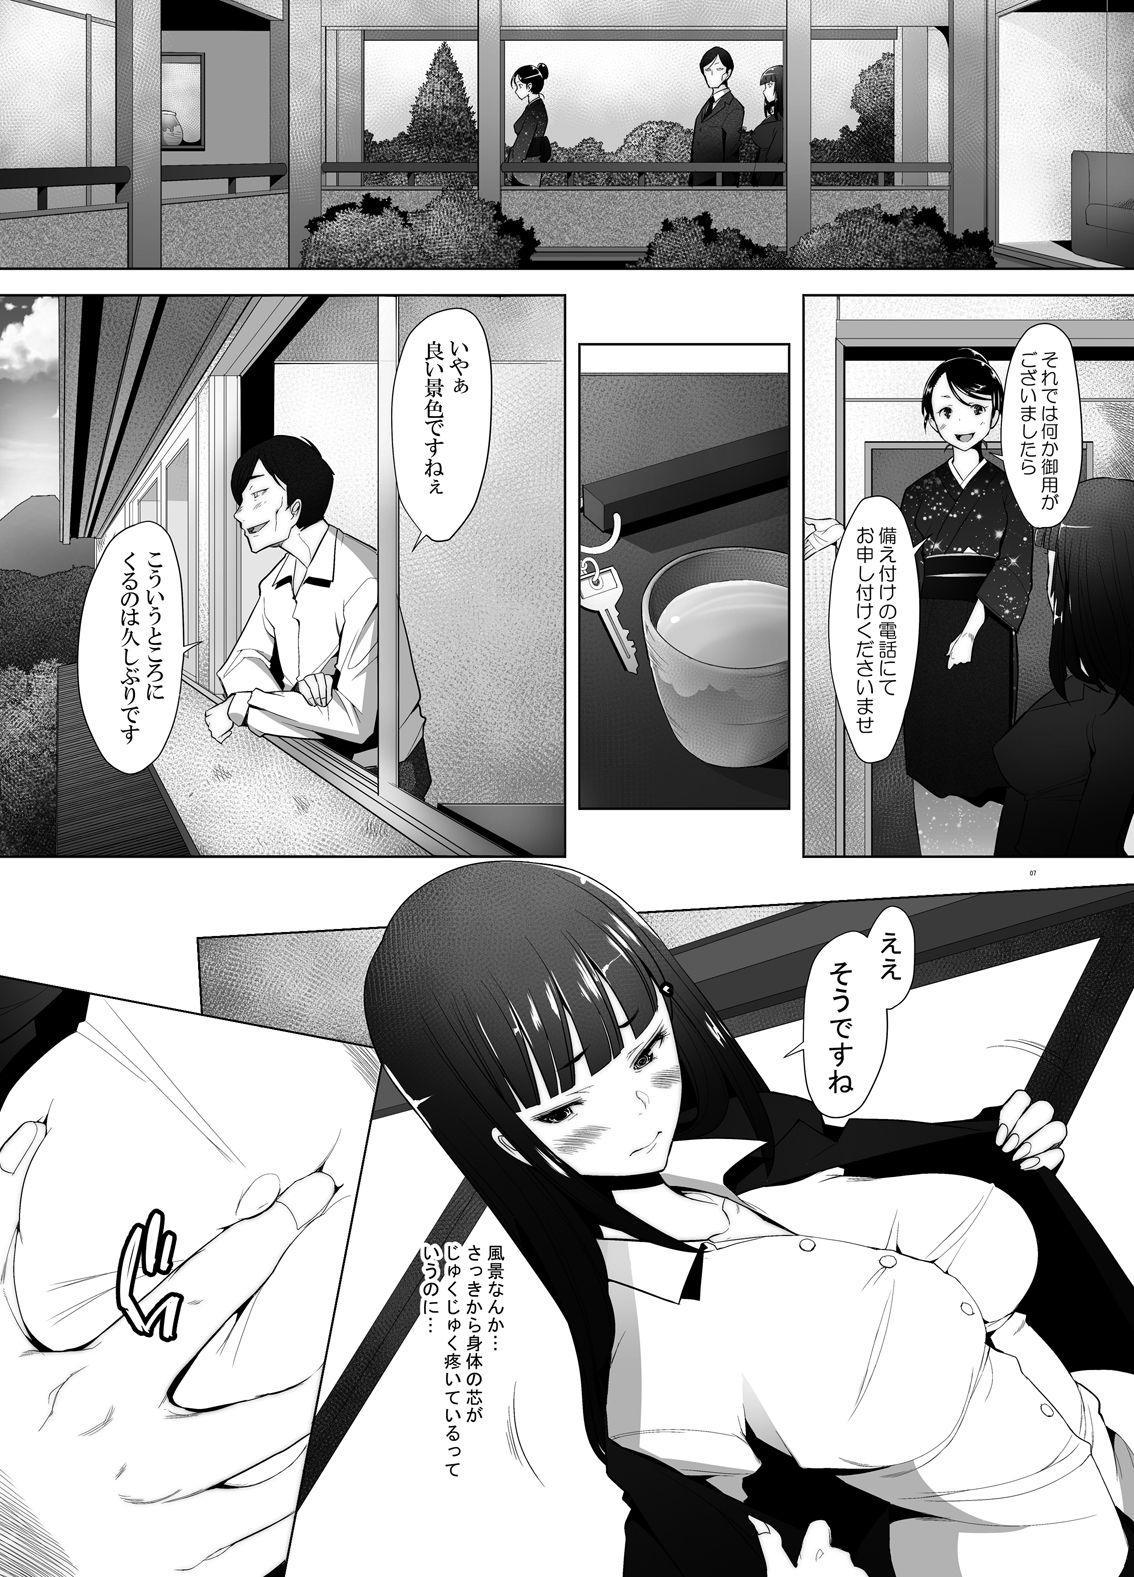 Hitozuma Iemoto o Onsen Ryokou ni Tsuredashite Konyoku Roten Buro de Nakadashi Shitemimashita 6